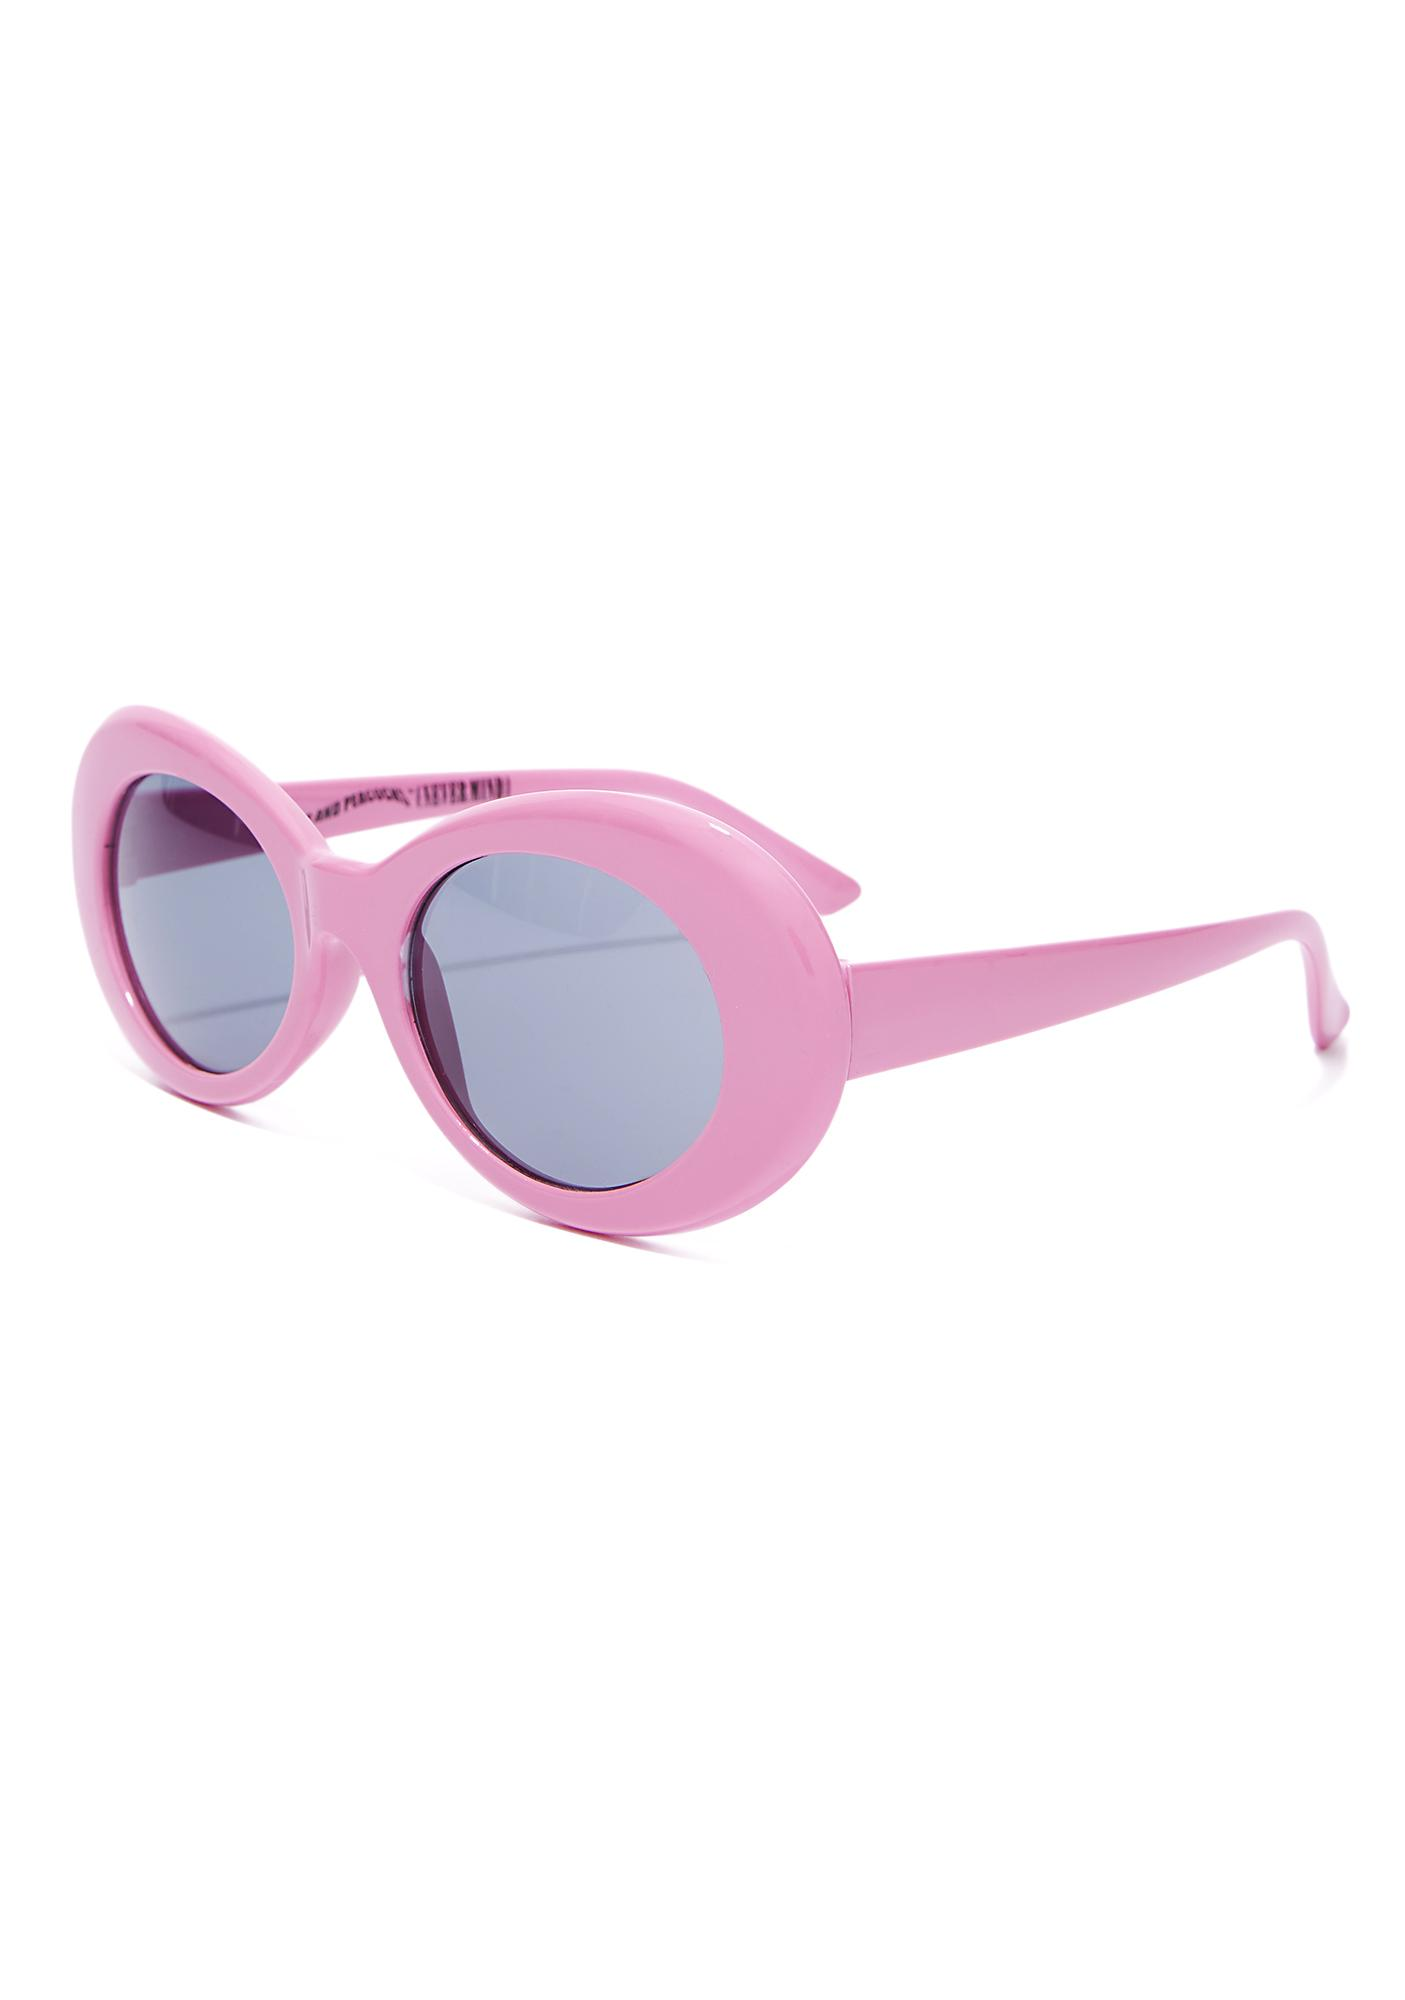 7648d1b7bd ... Petals and Peacocks Bubblegum Nevermind Sunglasses